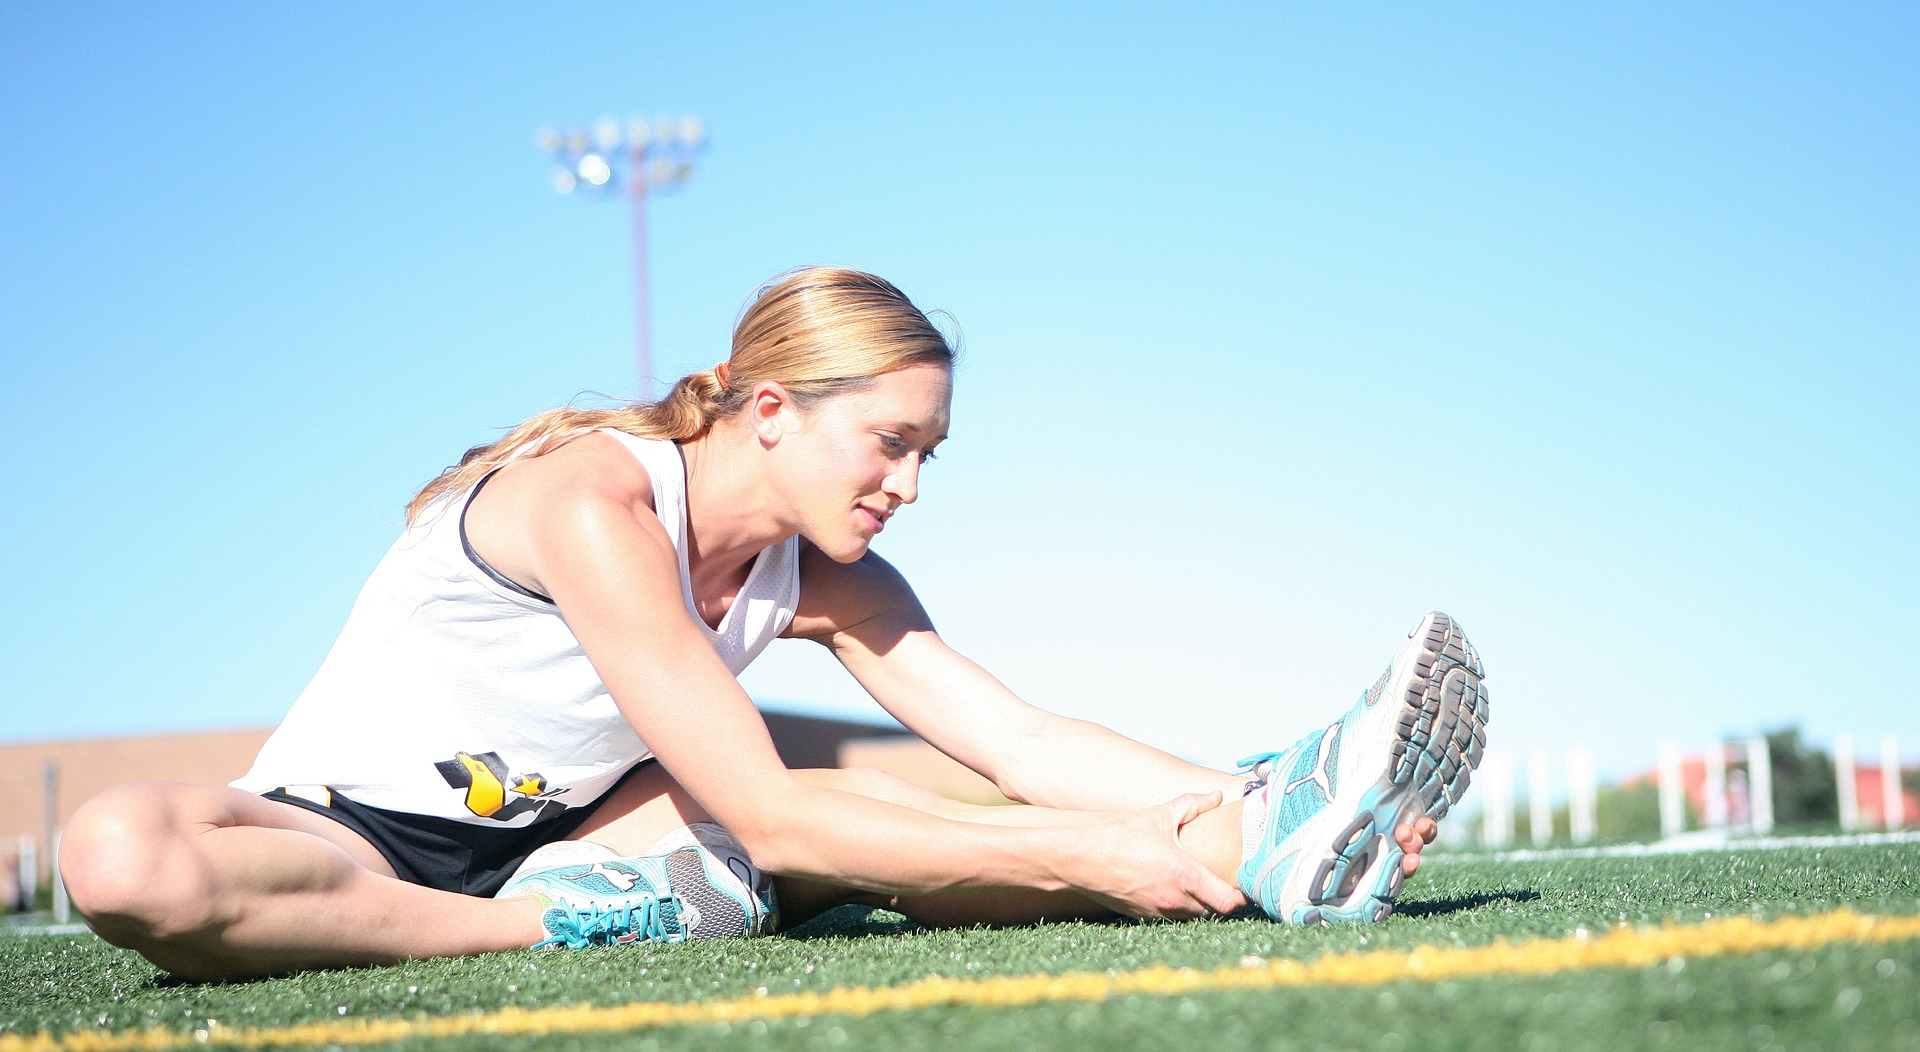 マラソン、ランニングによる怪我の防止に必要なことは?予防策を覚えておこう!!